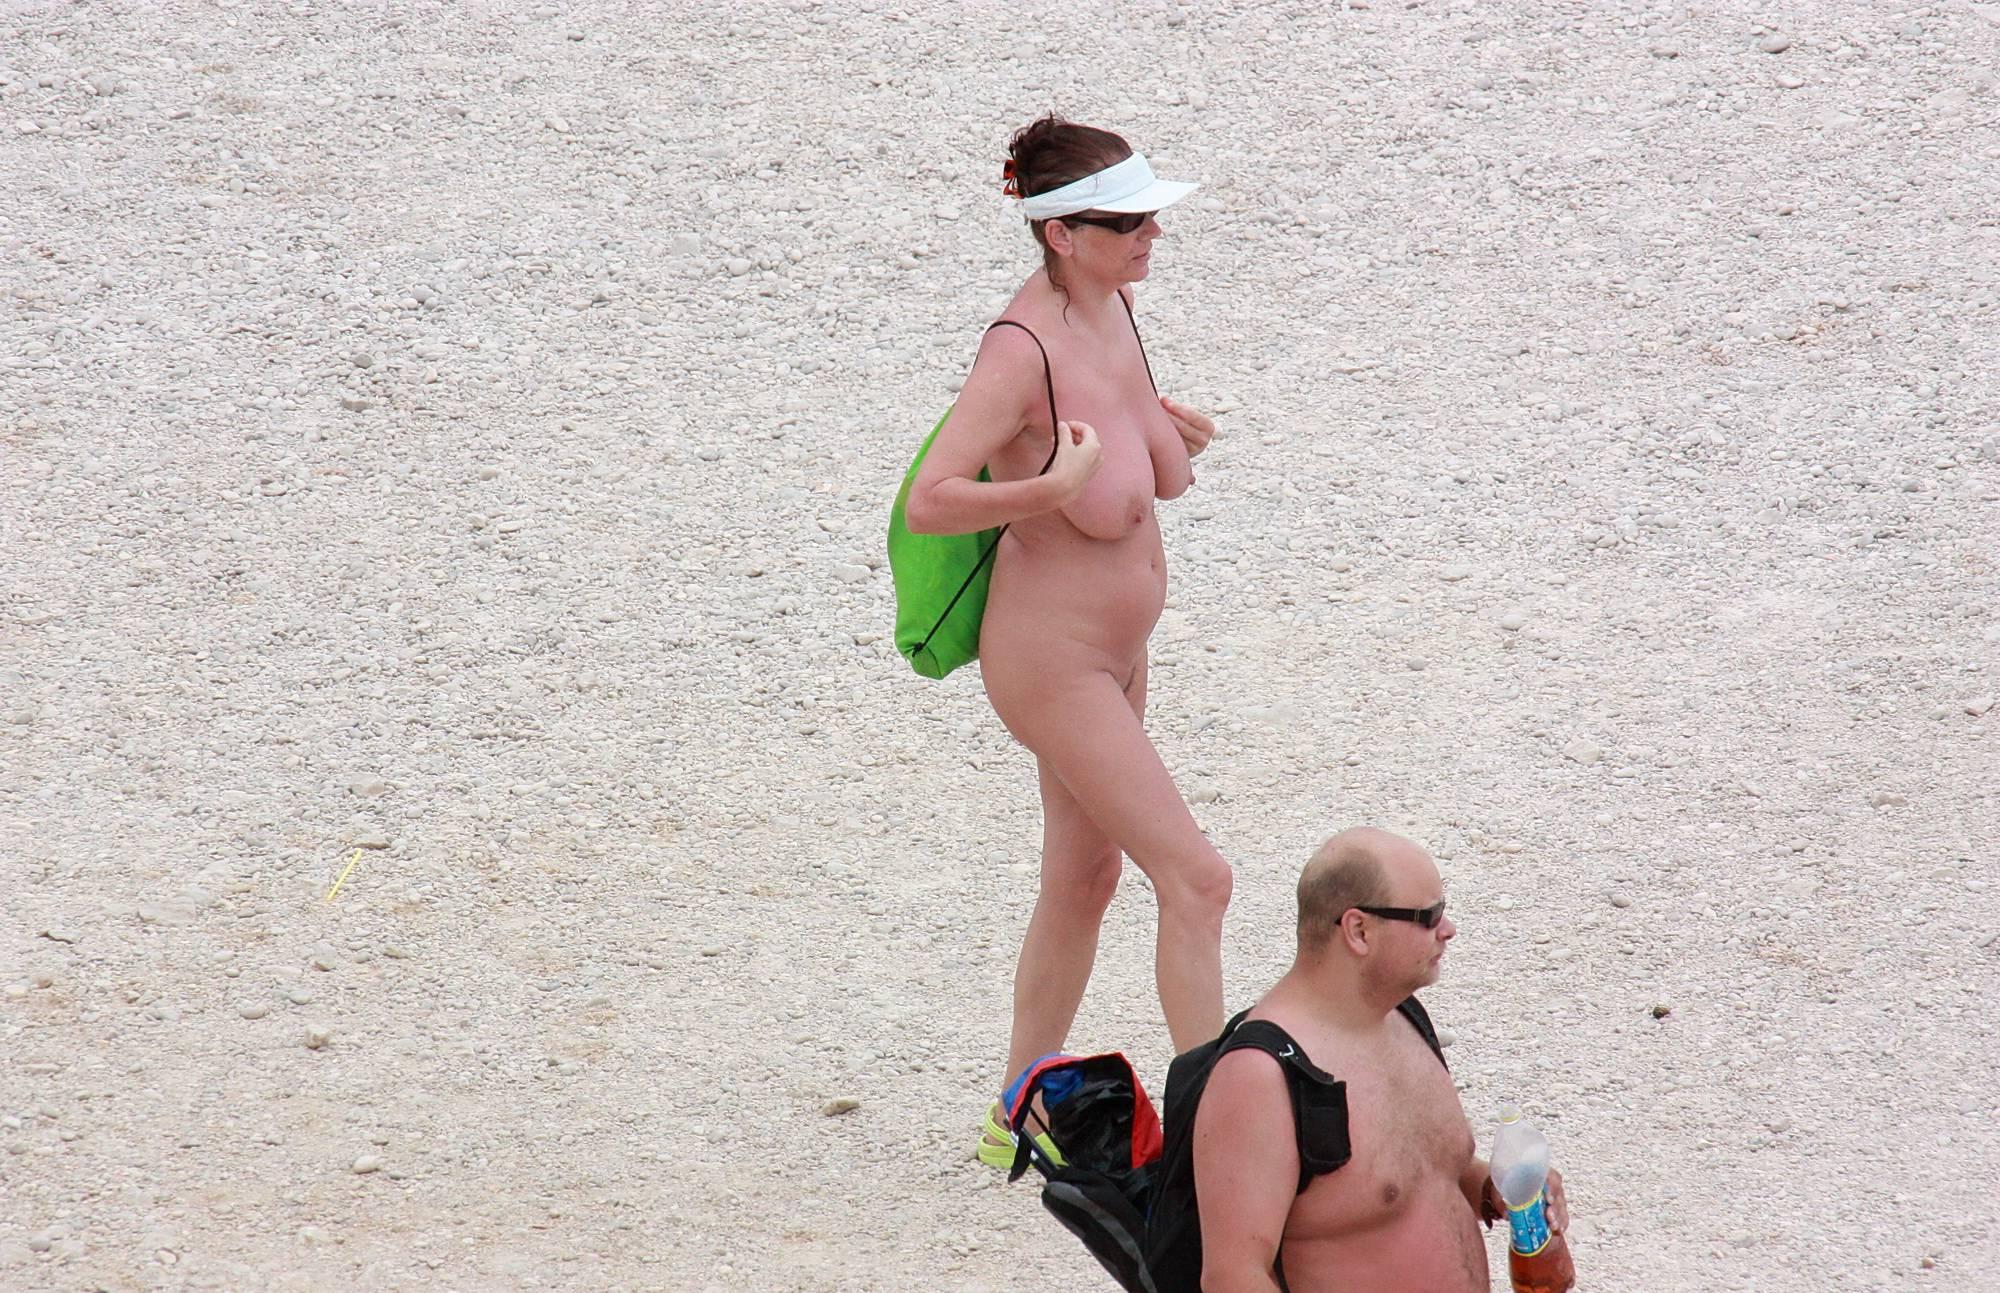 Nudist Pictures Wandering Sand Walkers - 2